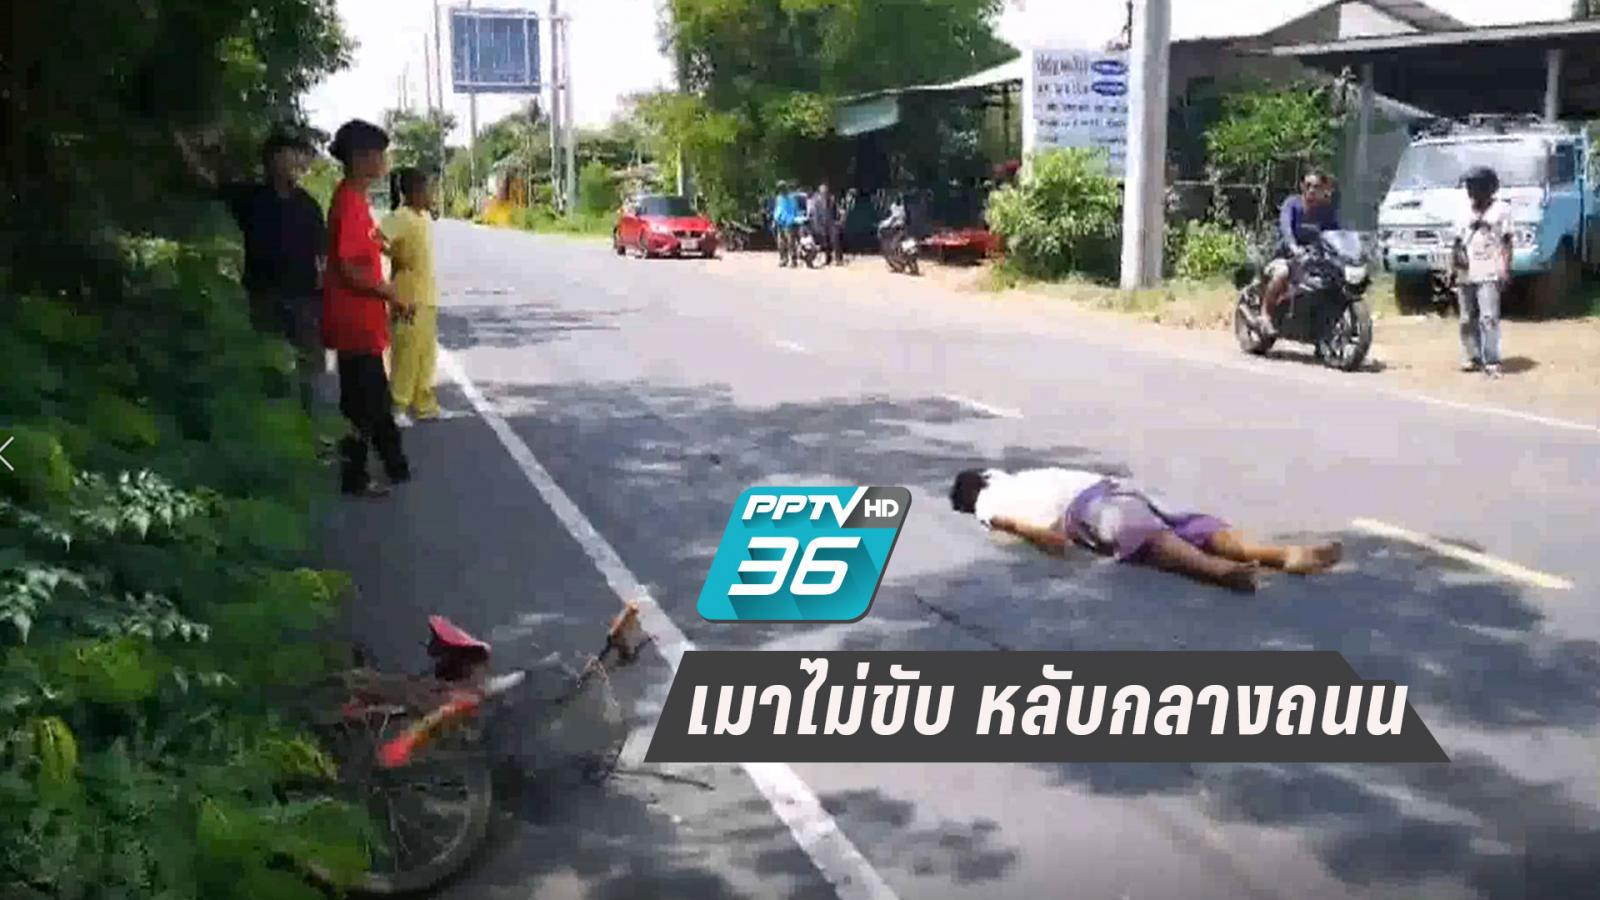 """หญิงวัยกลางคน """"เมาหลับกลางถนน"""" ชาวบ้านหวั่นรถชน แจ้งตร.ช่วยส่งบ้าน"""